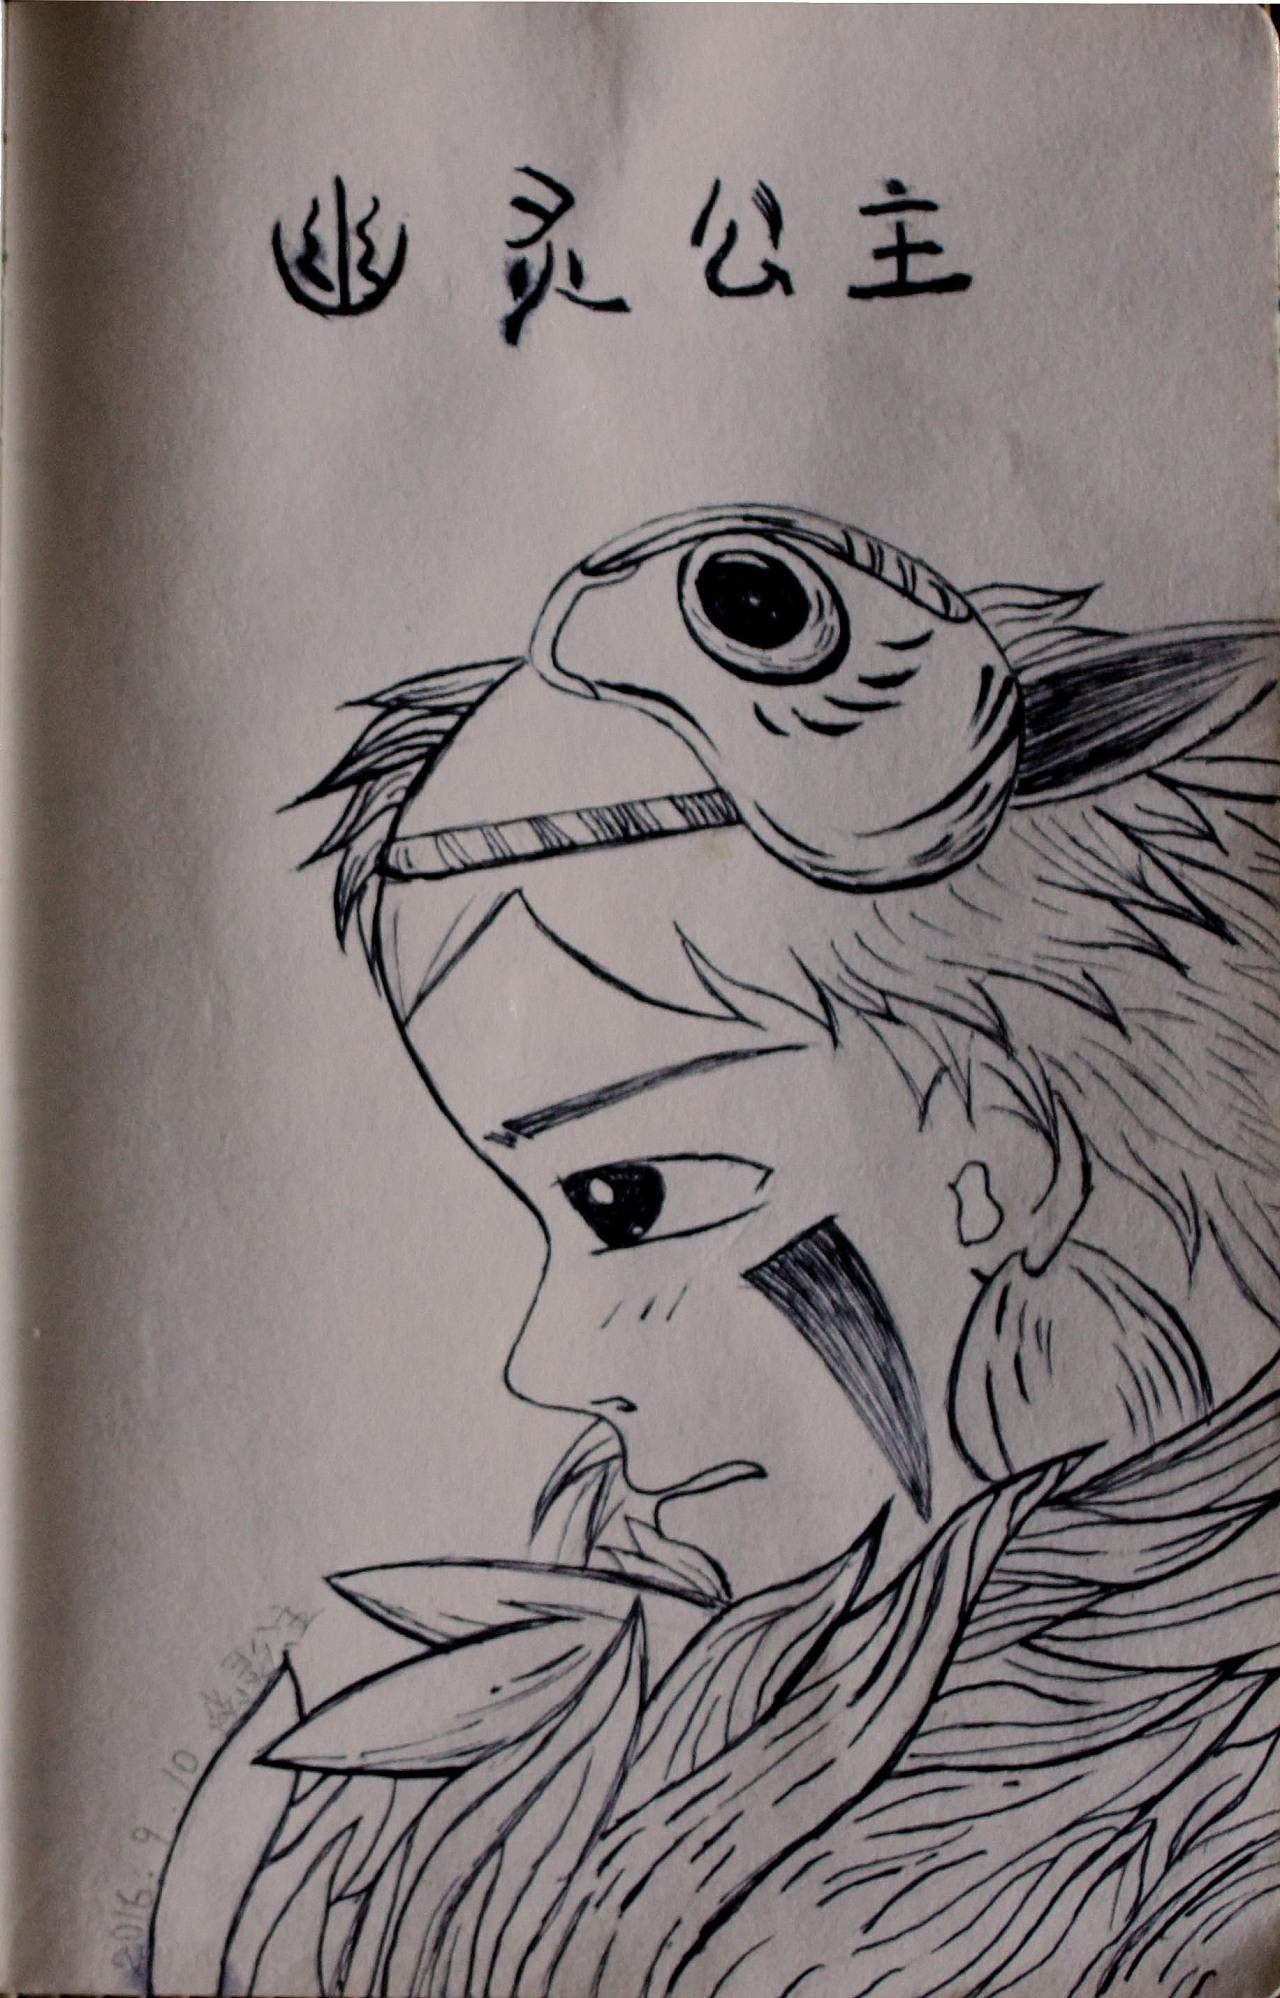 钢笔手绘插画